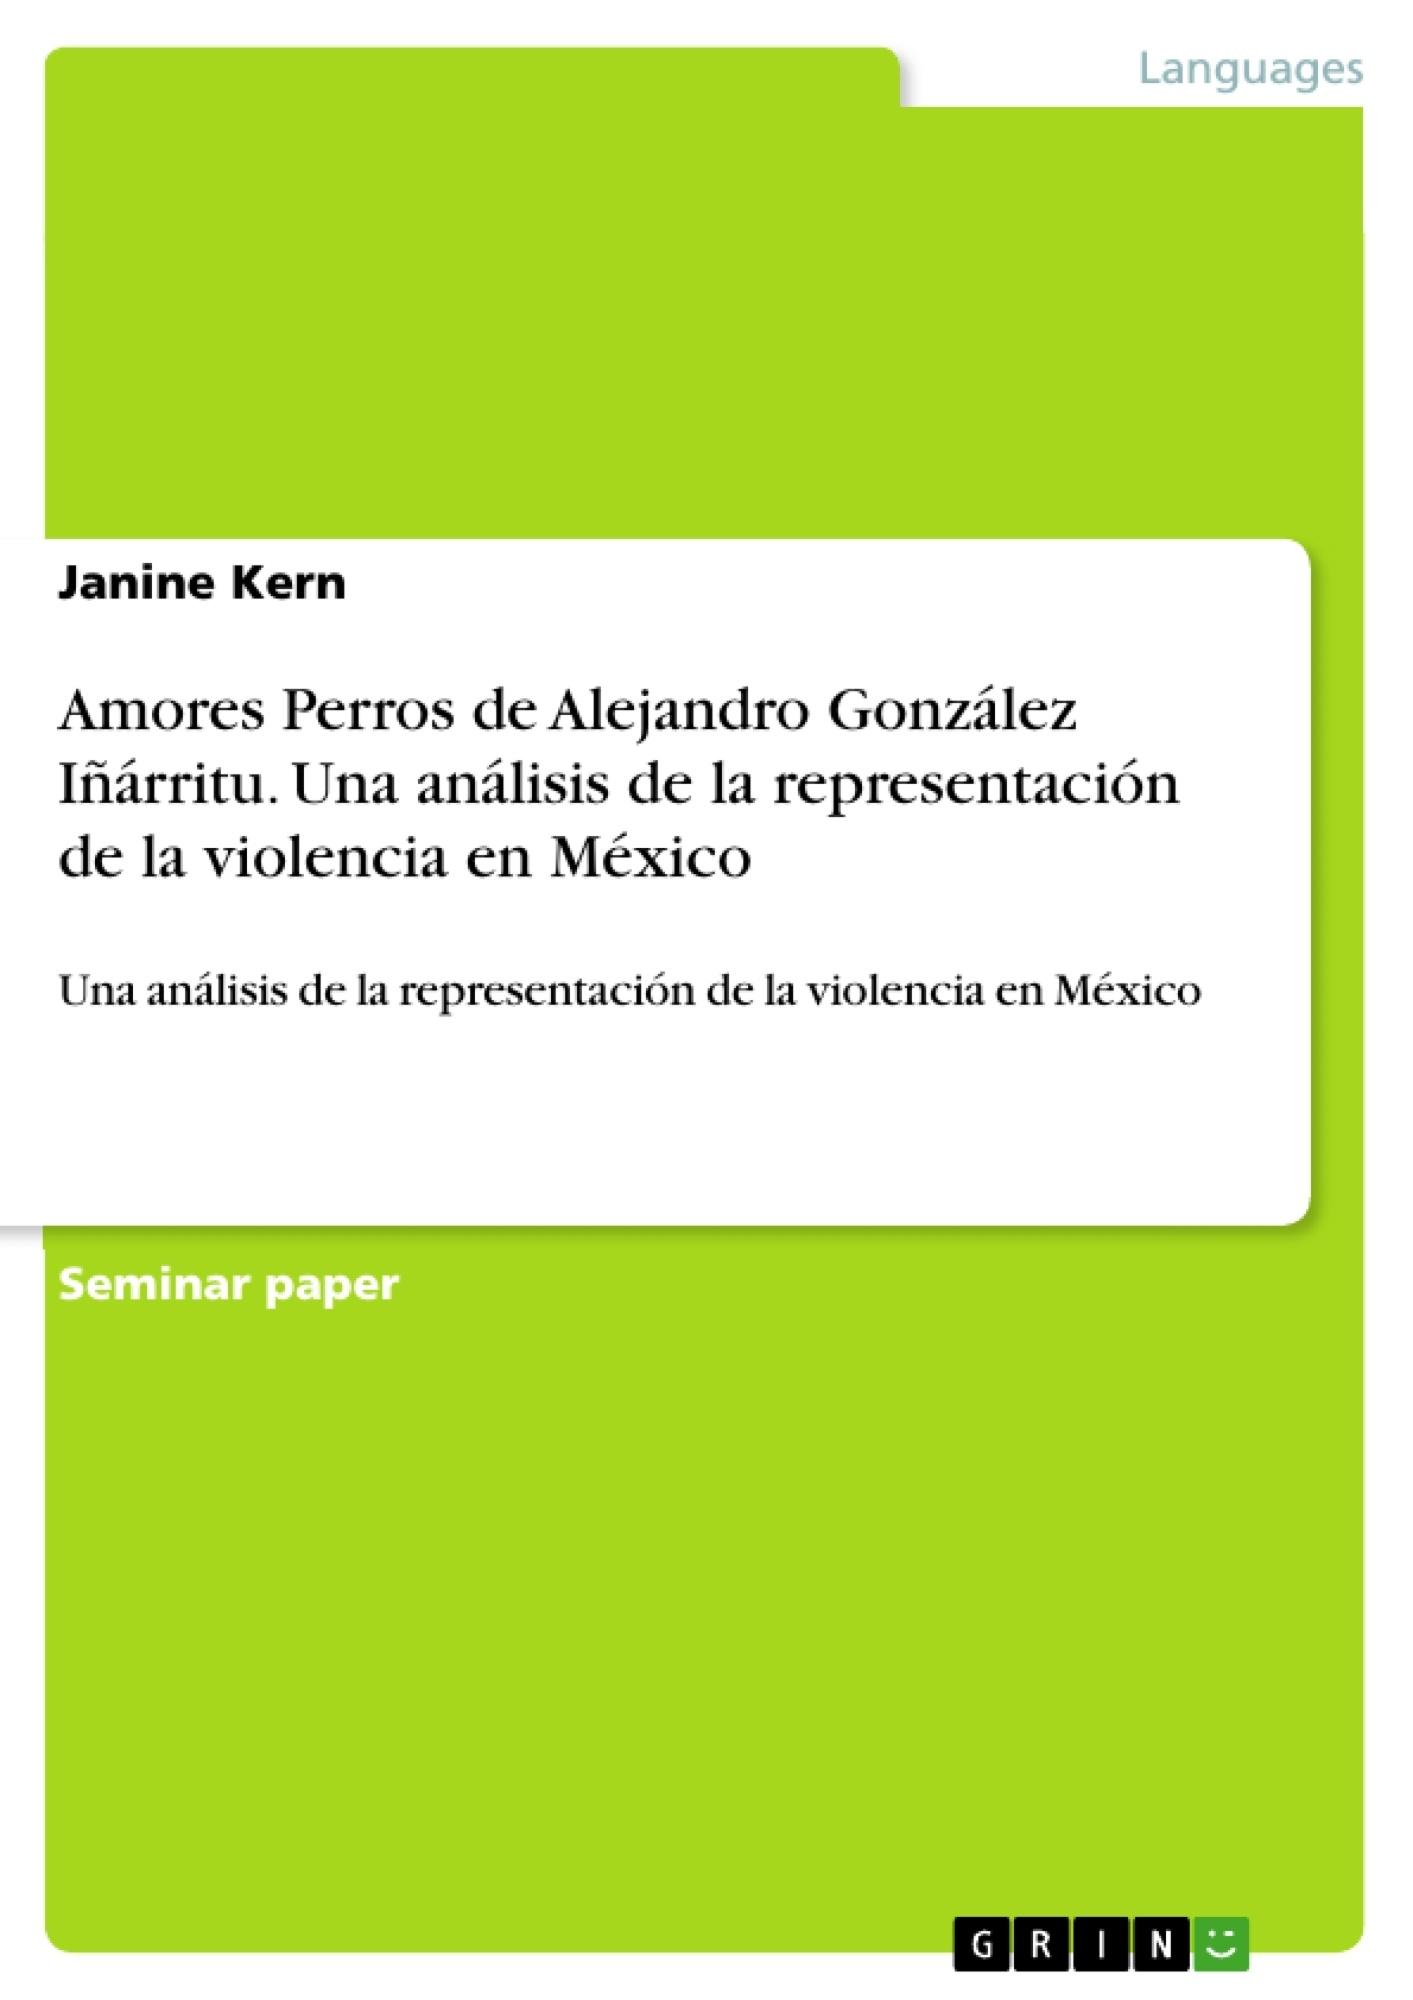 Título: Amores Perros de Alejandro González Iñárritu. Una análisis de la representación de la violencia en México